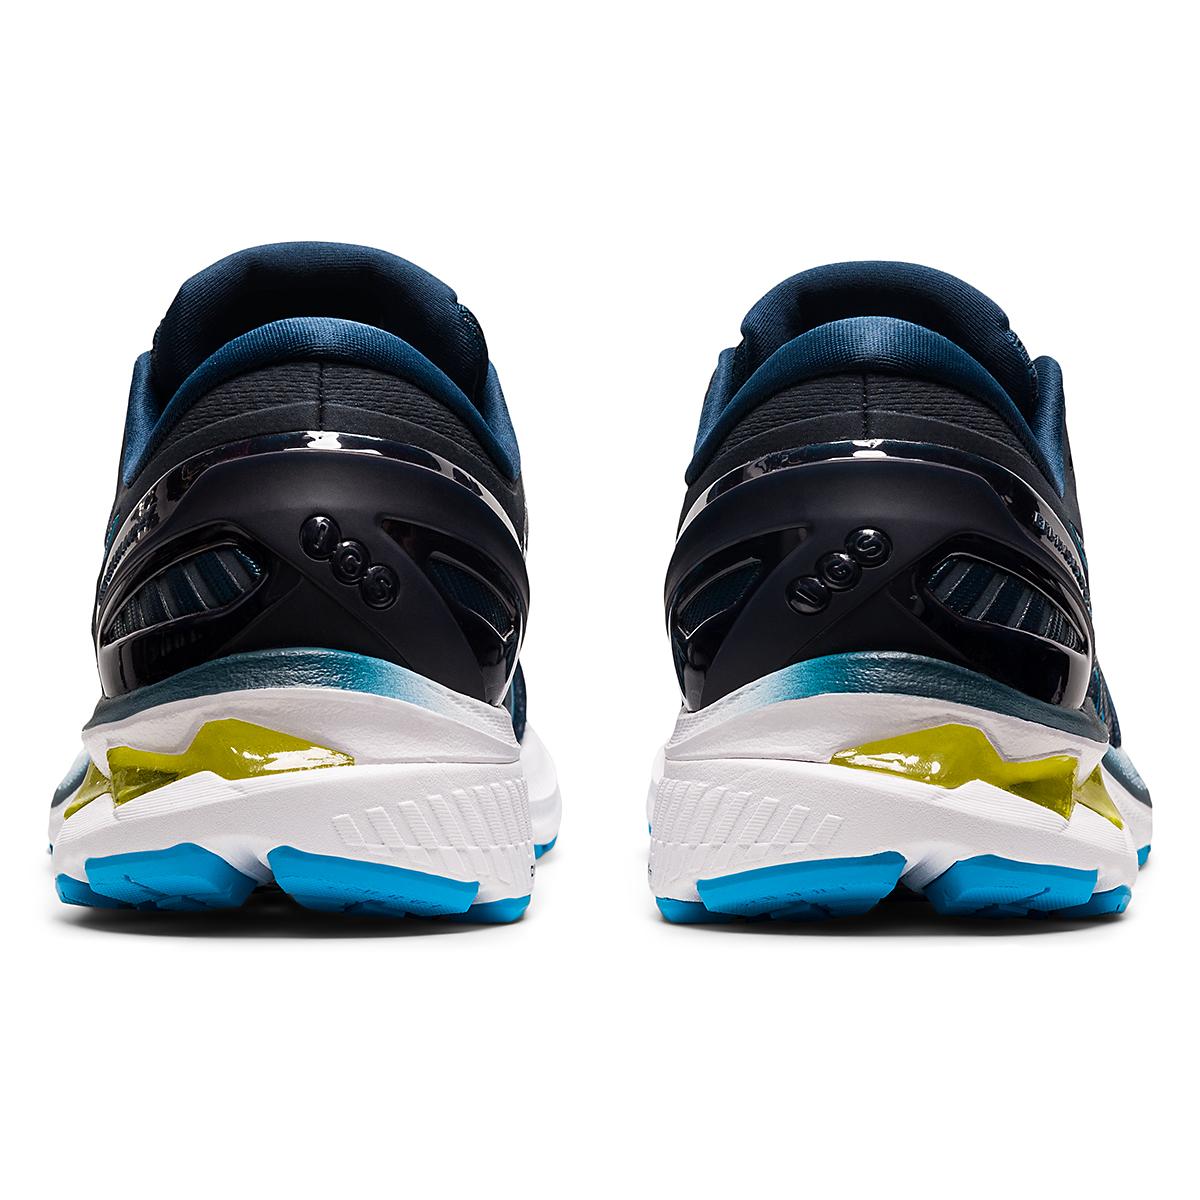 Men's Asics GEL-Kayano 27 Running Shoe - Color: French Blue/Dig - Size: 7.5 - Width: Regular, French Blue/Dig, large, image 6